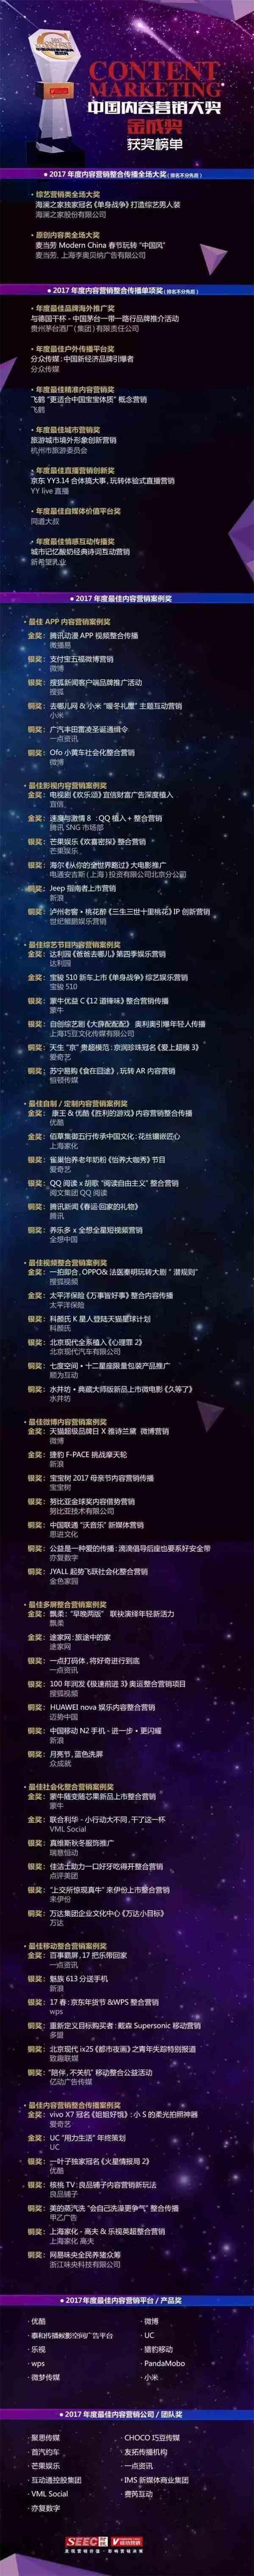 2017中国内容营销盛典全记录:内容红利,营销聚变